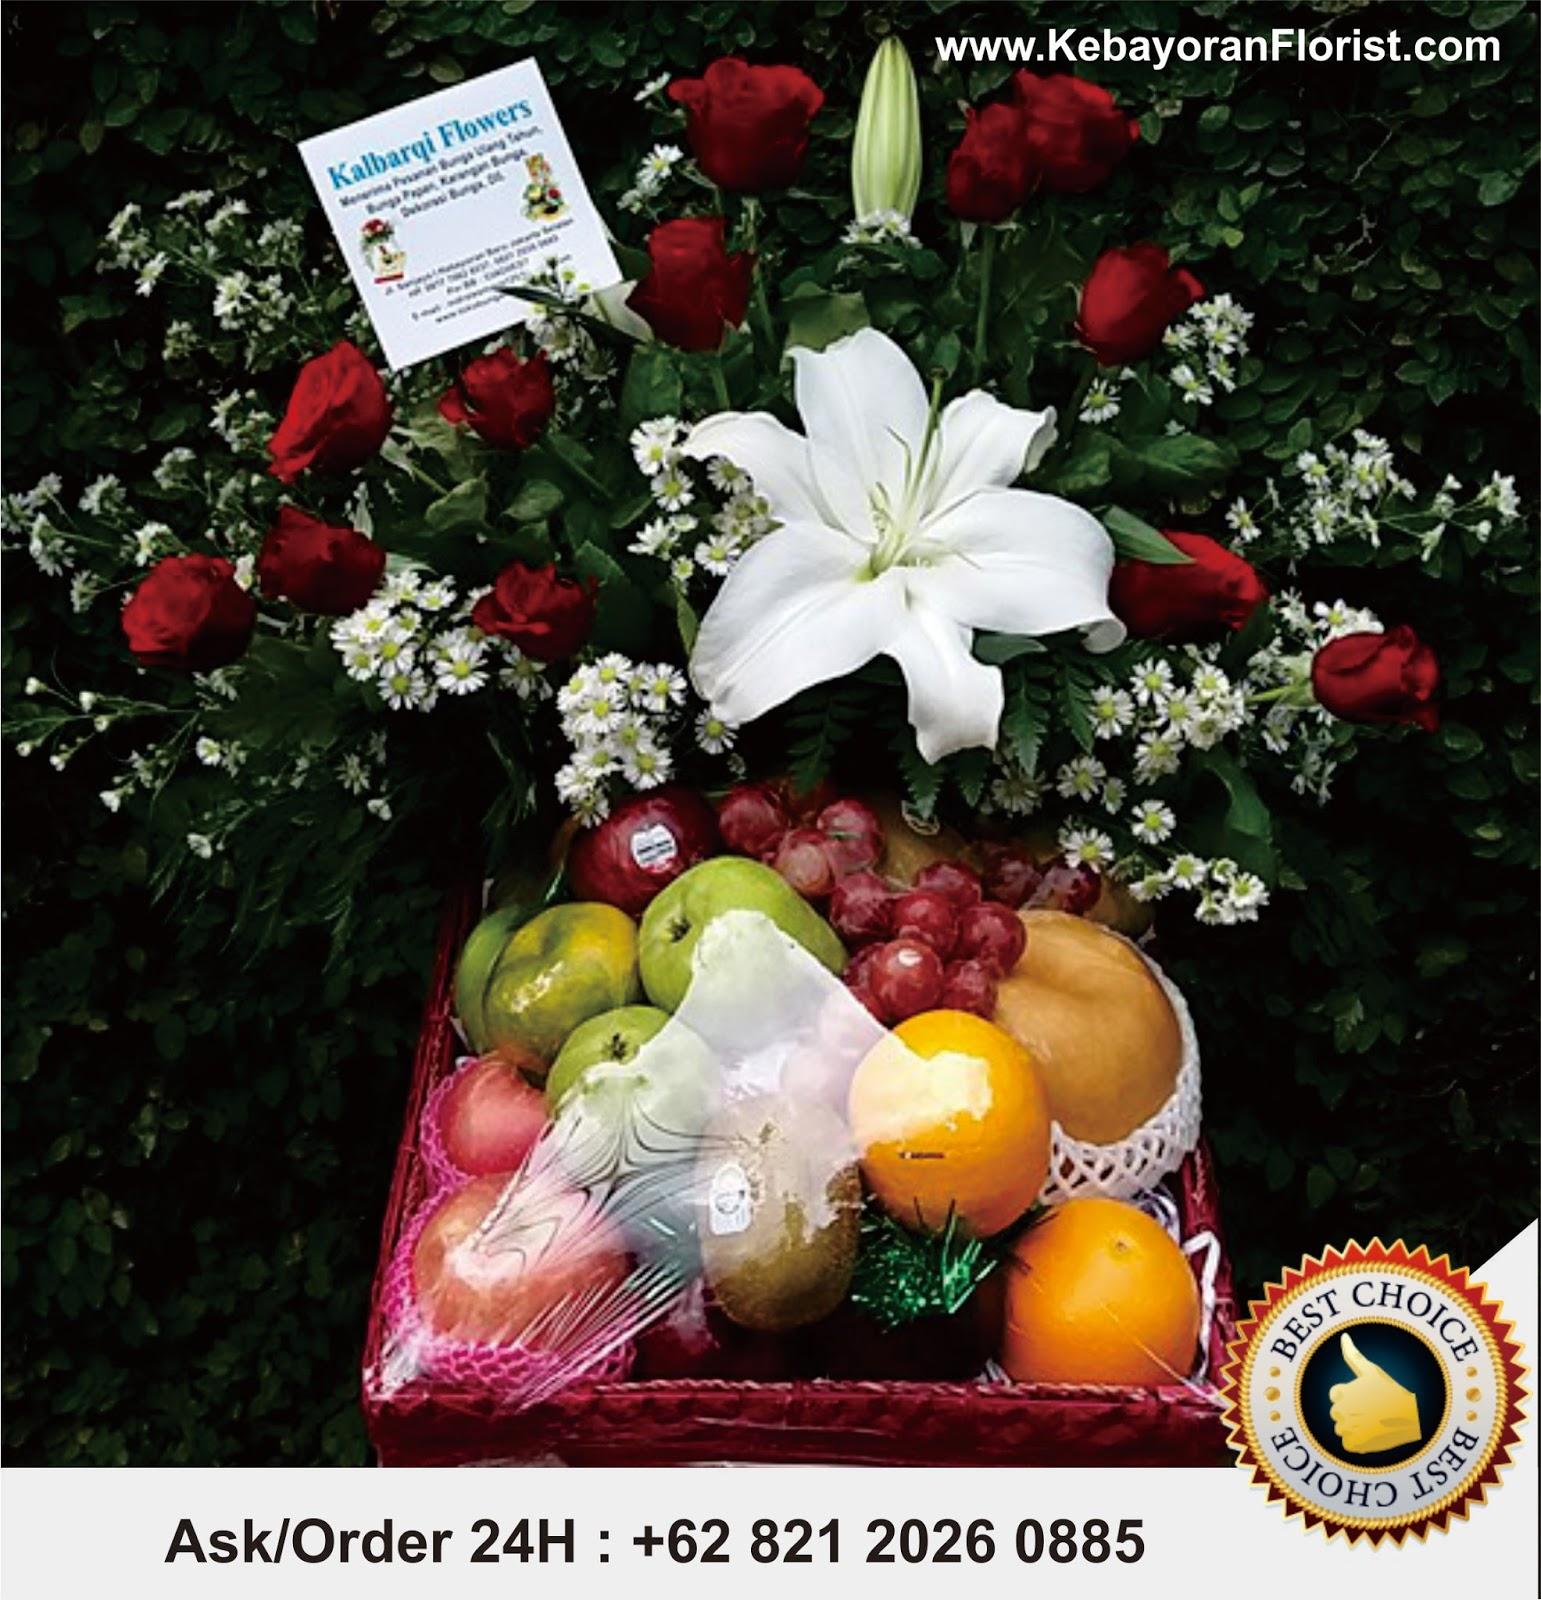 Toko Bunga Online Express Buka 24 Jam Ask/Order : 0877